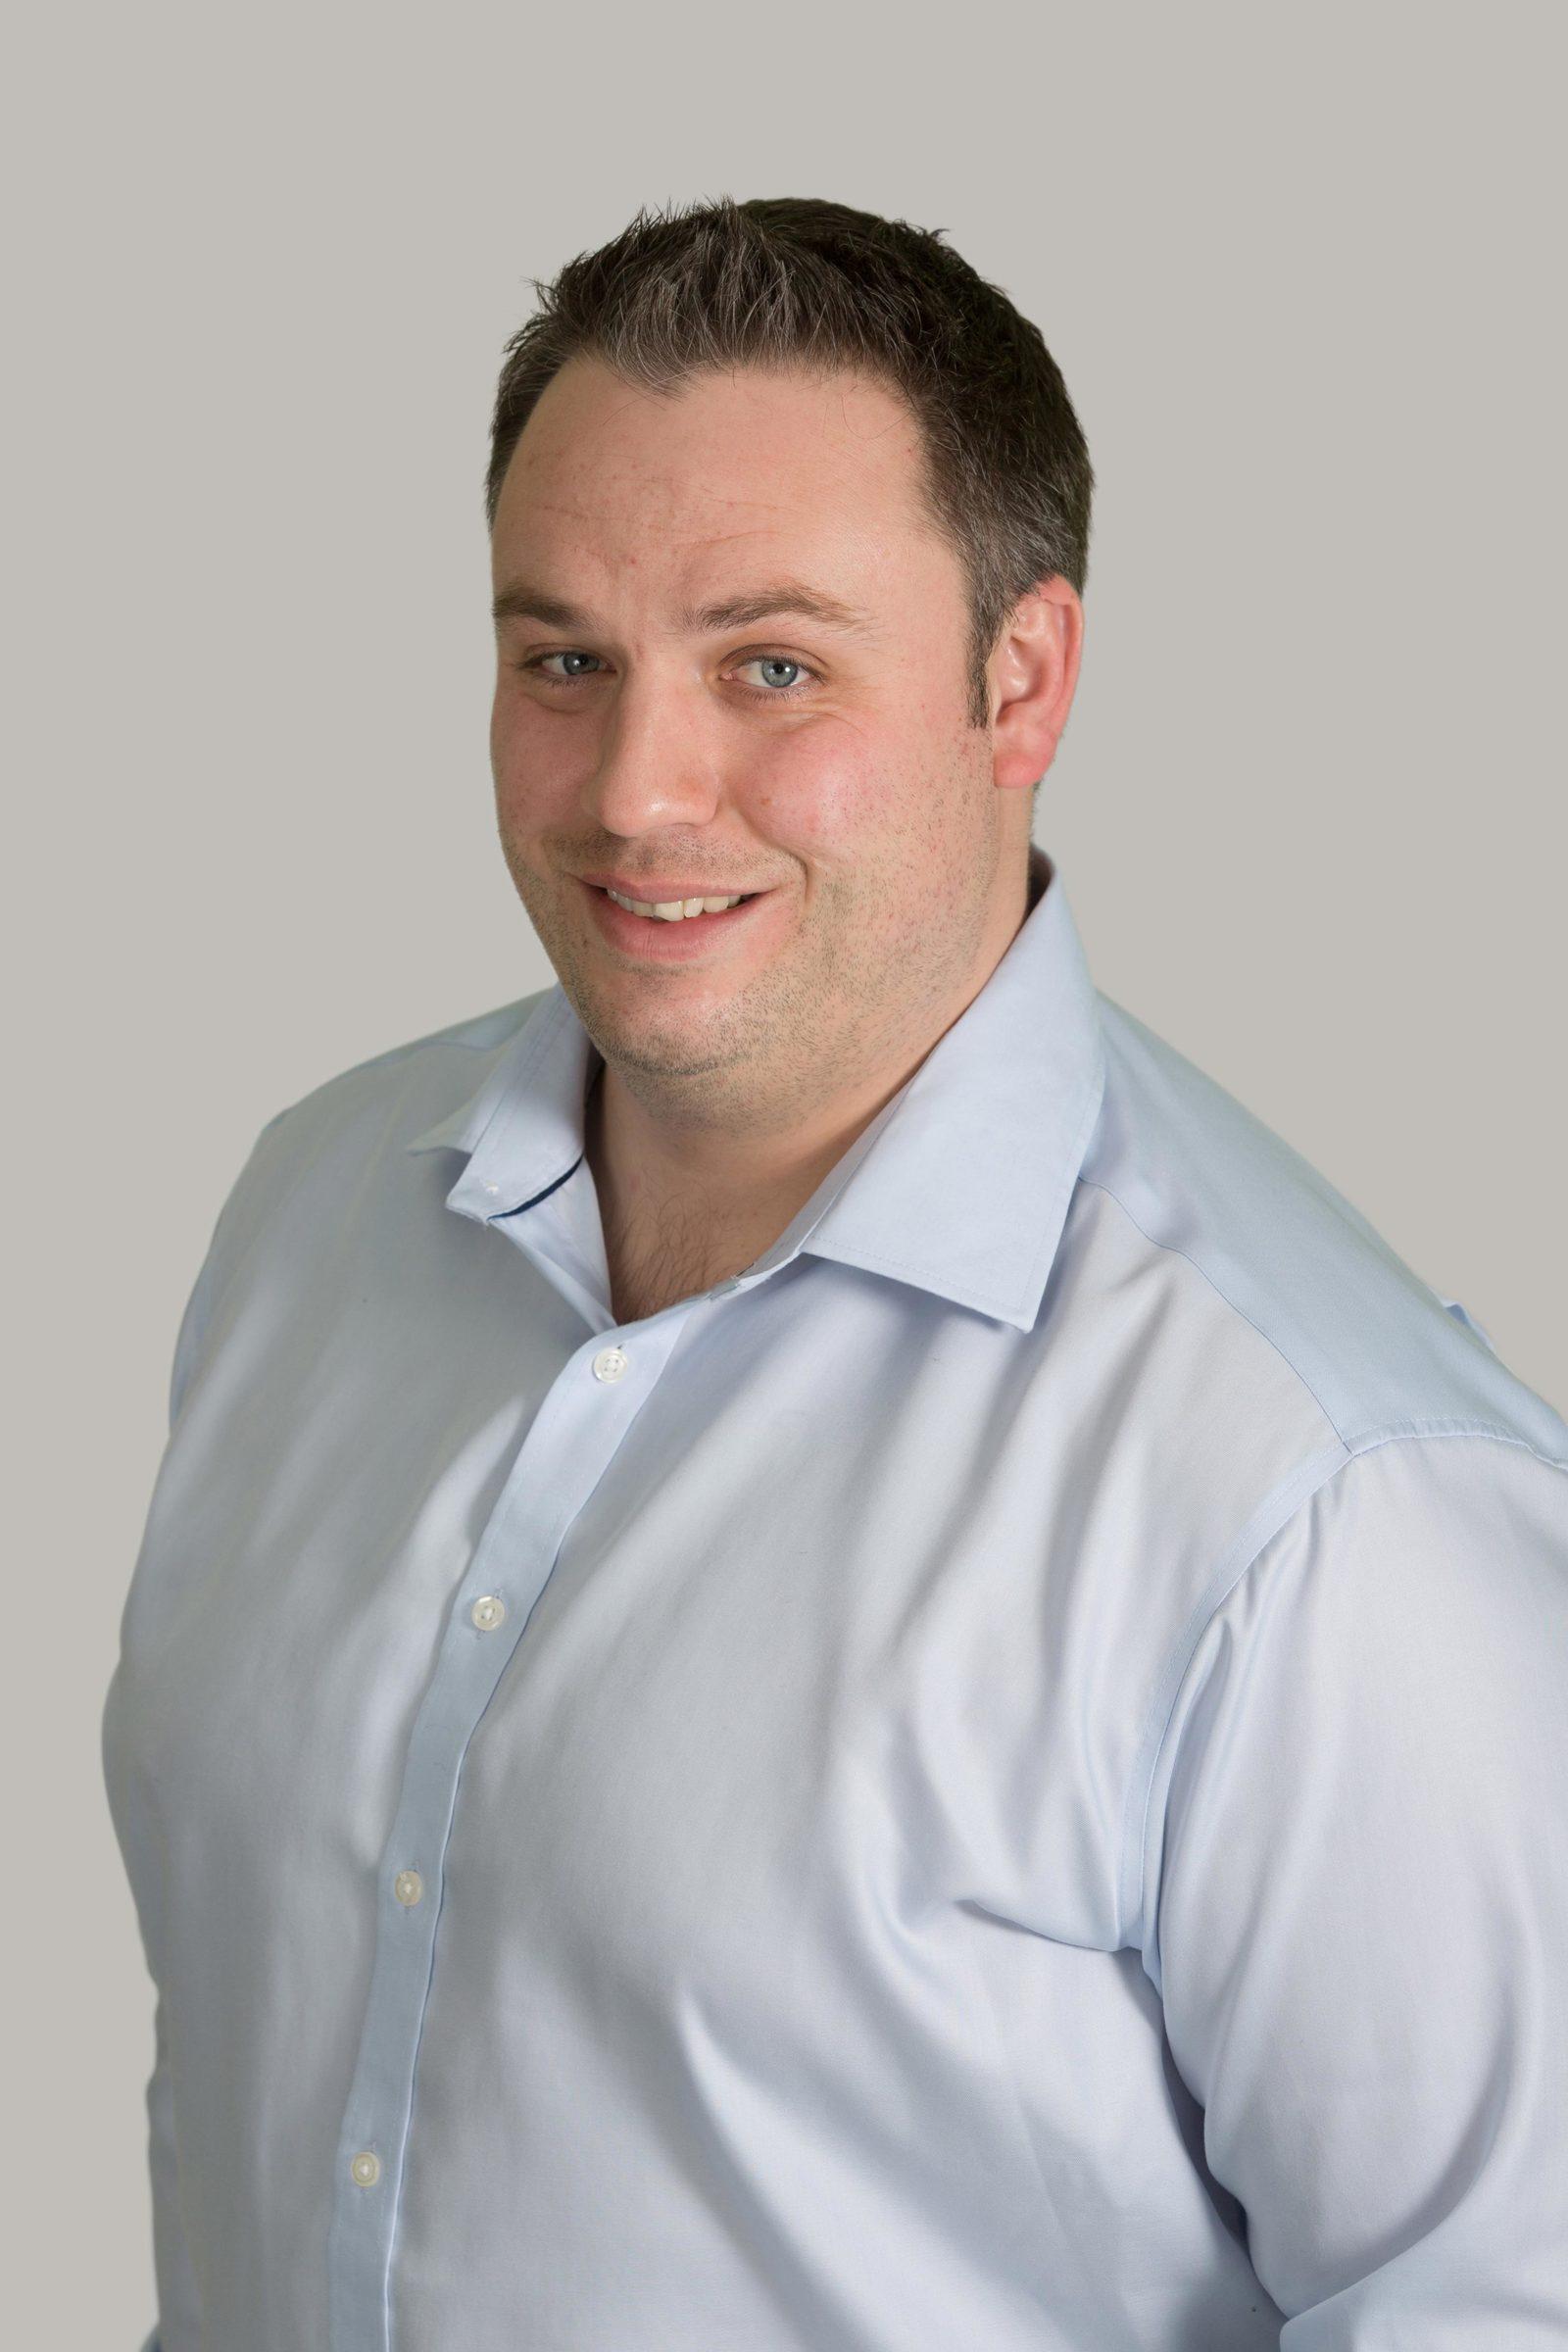 Nick Olive